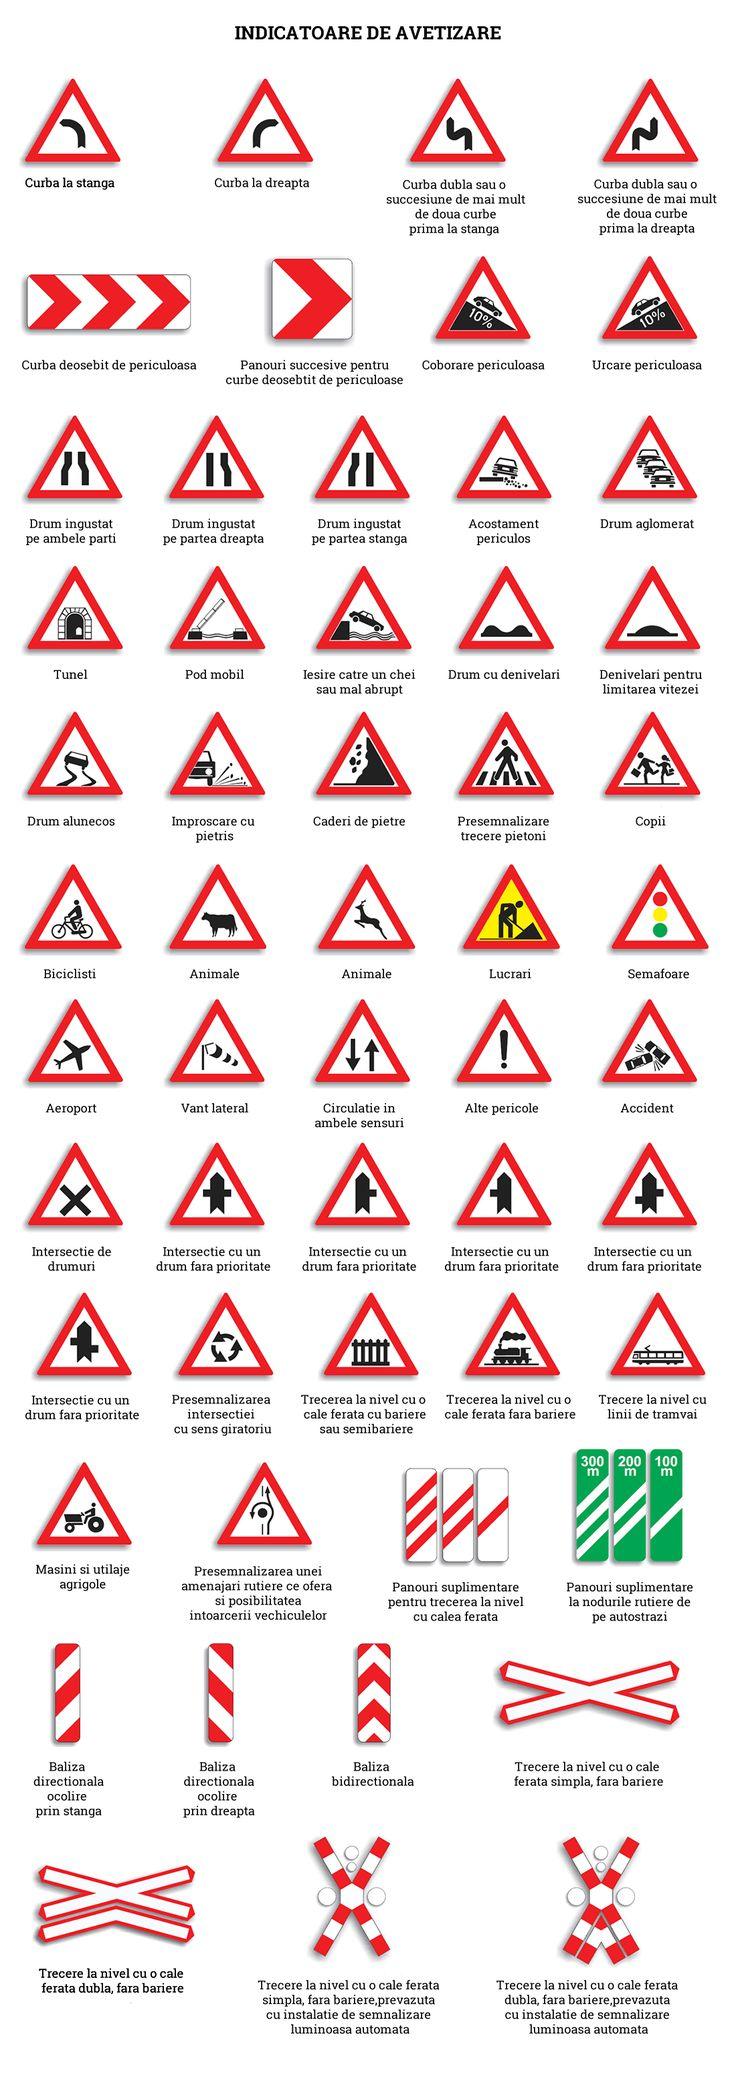 indicatoare-rutiere-de-avertizare-codul-rutier